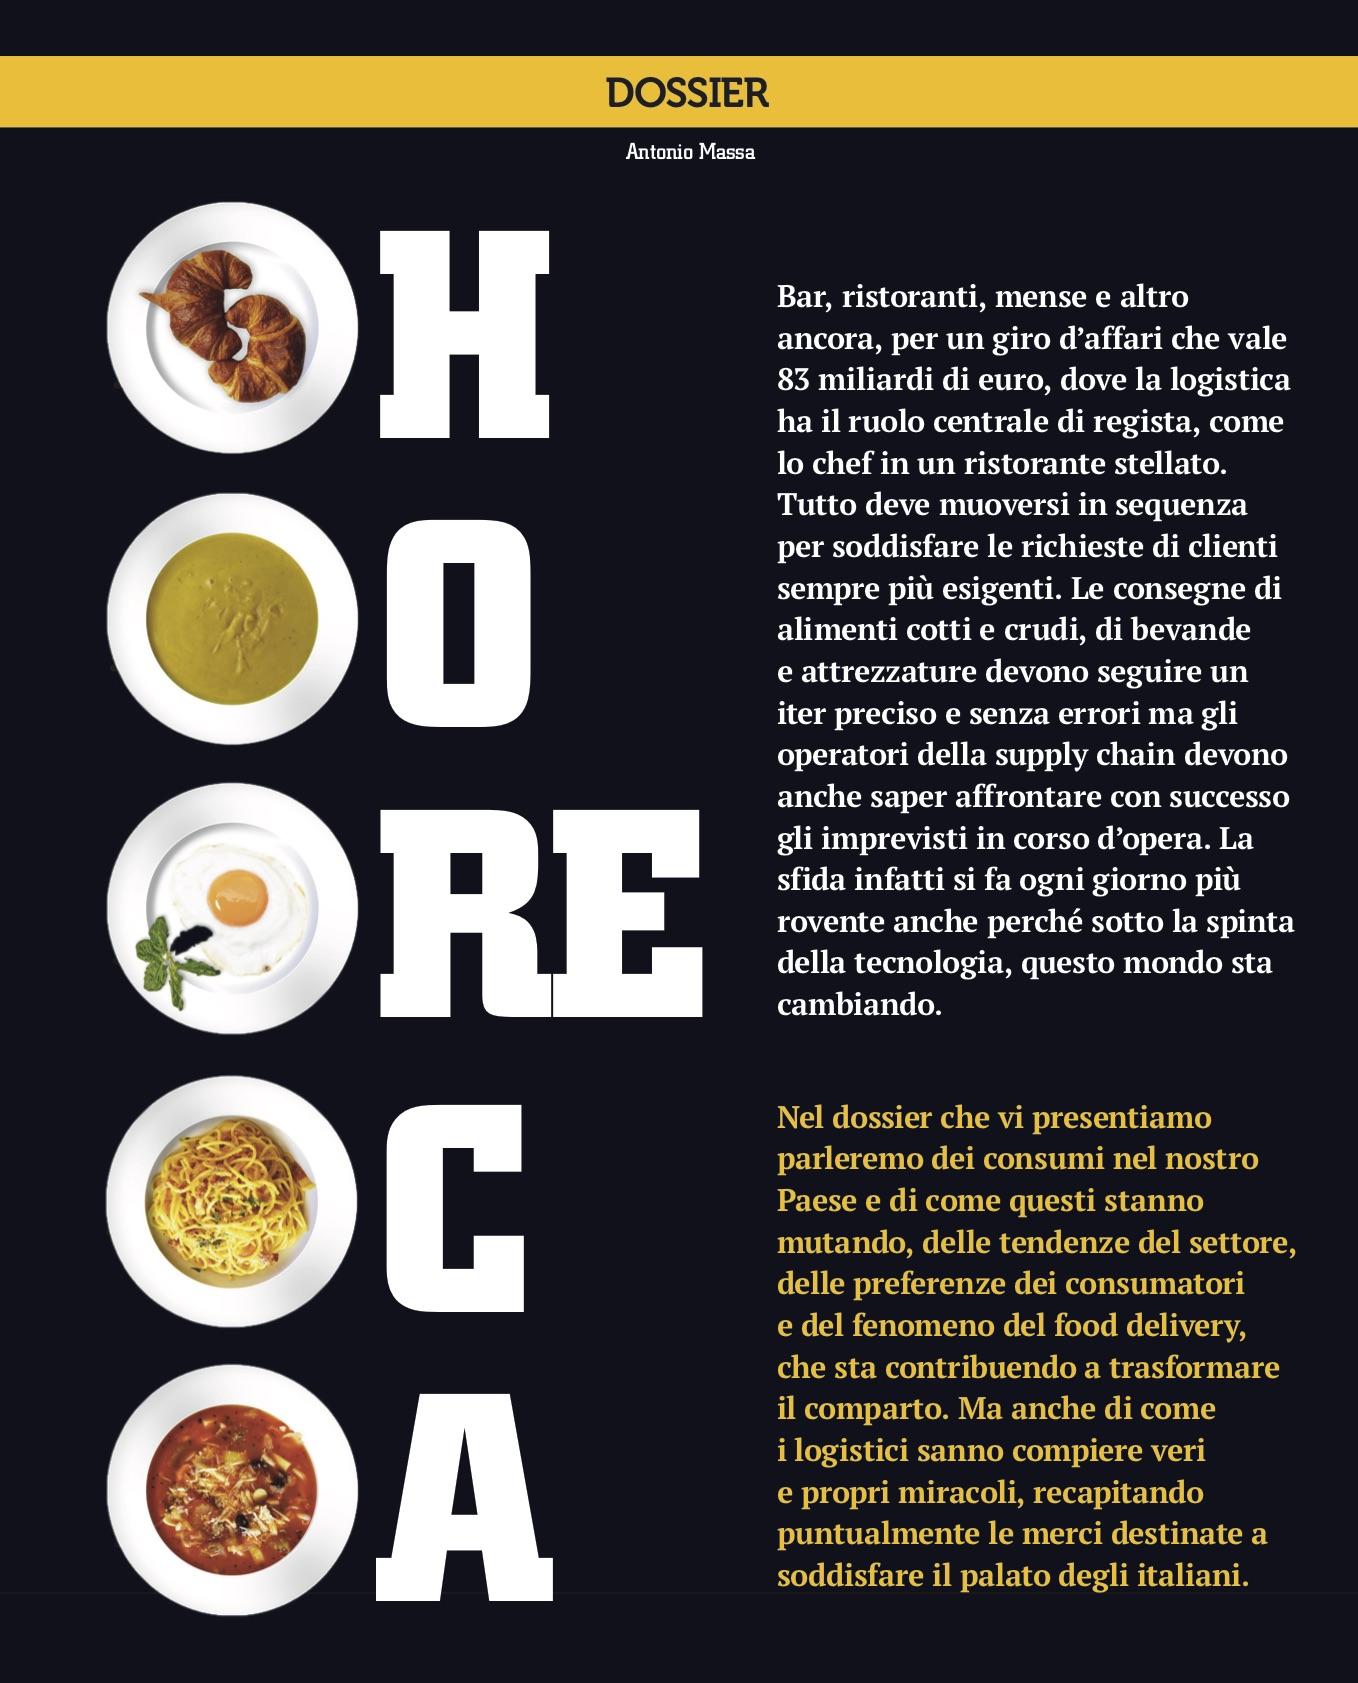 Dossier HORECA